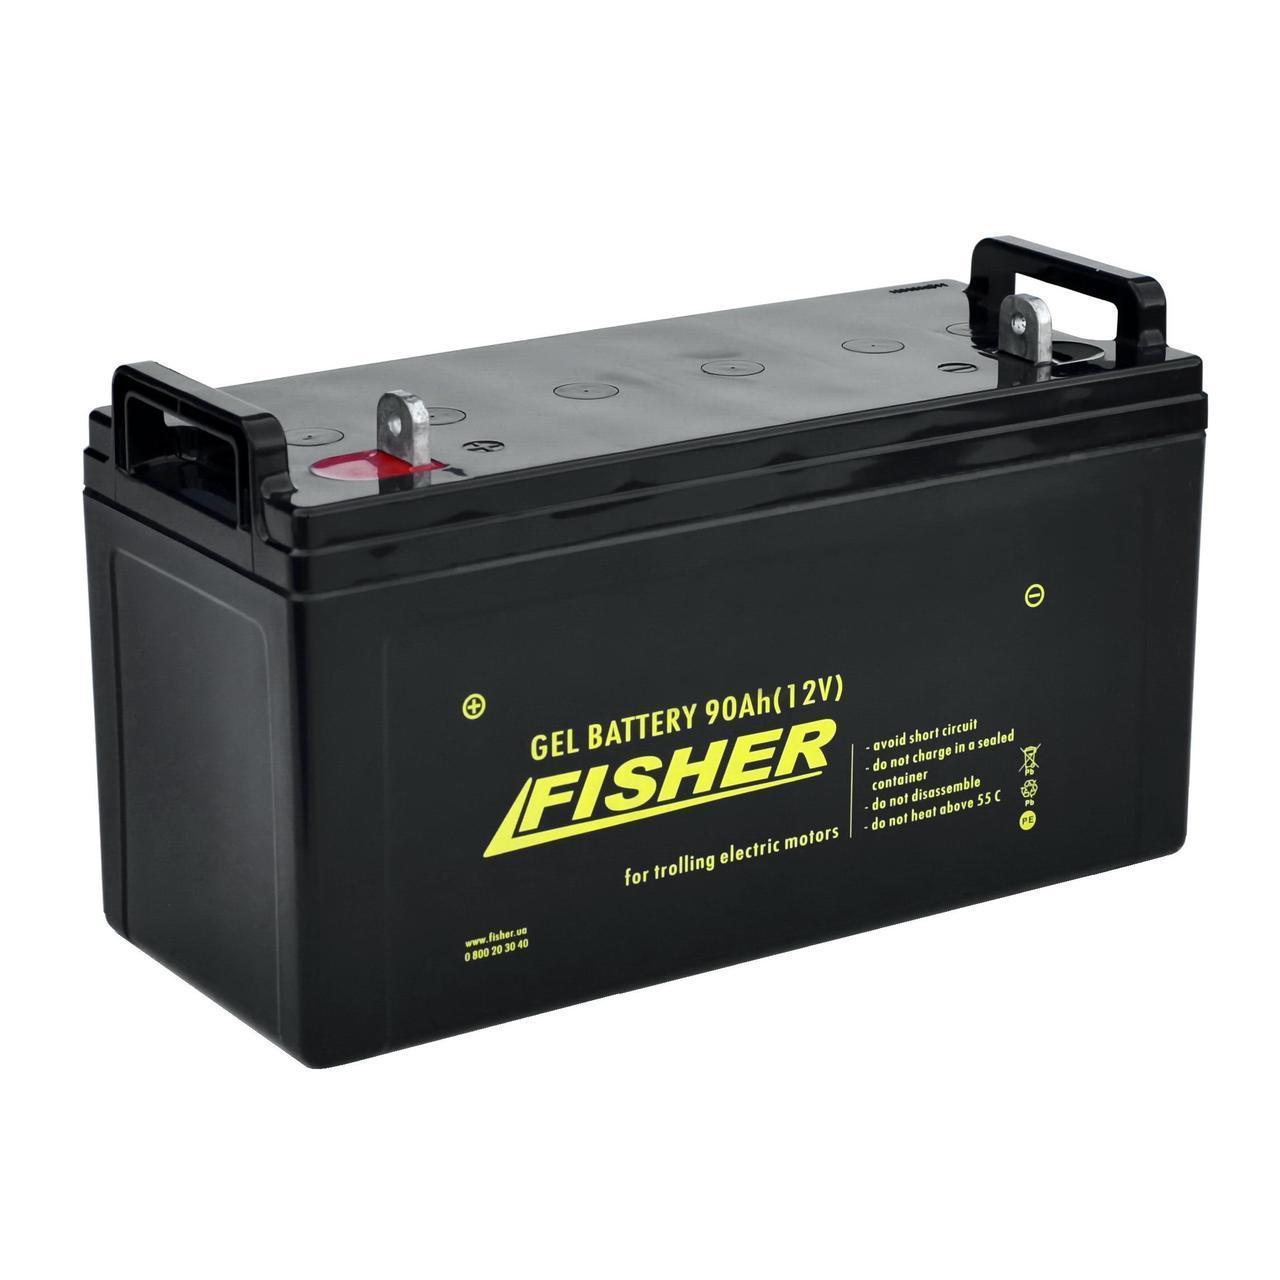 Гелевый аккумулятор 90Ah Fisher 12V